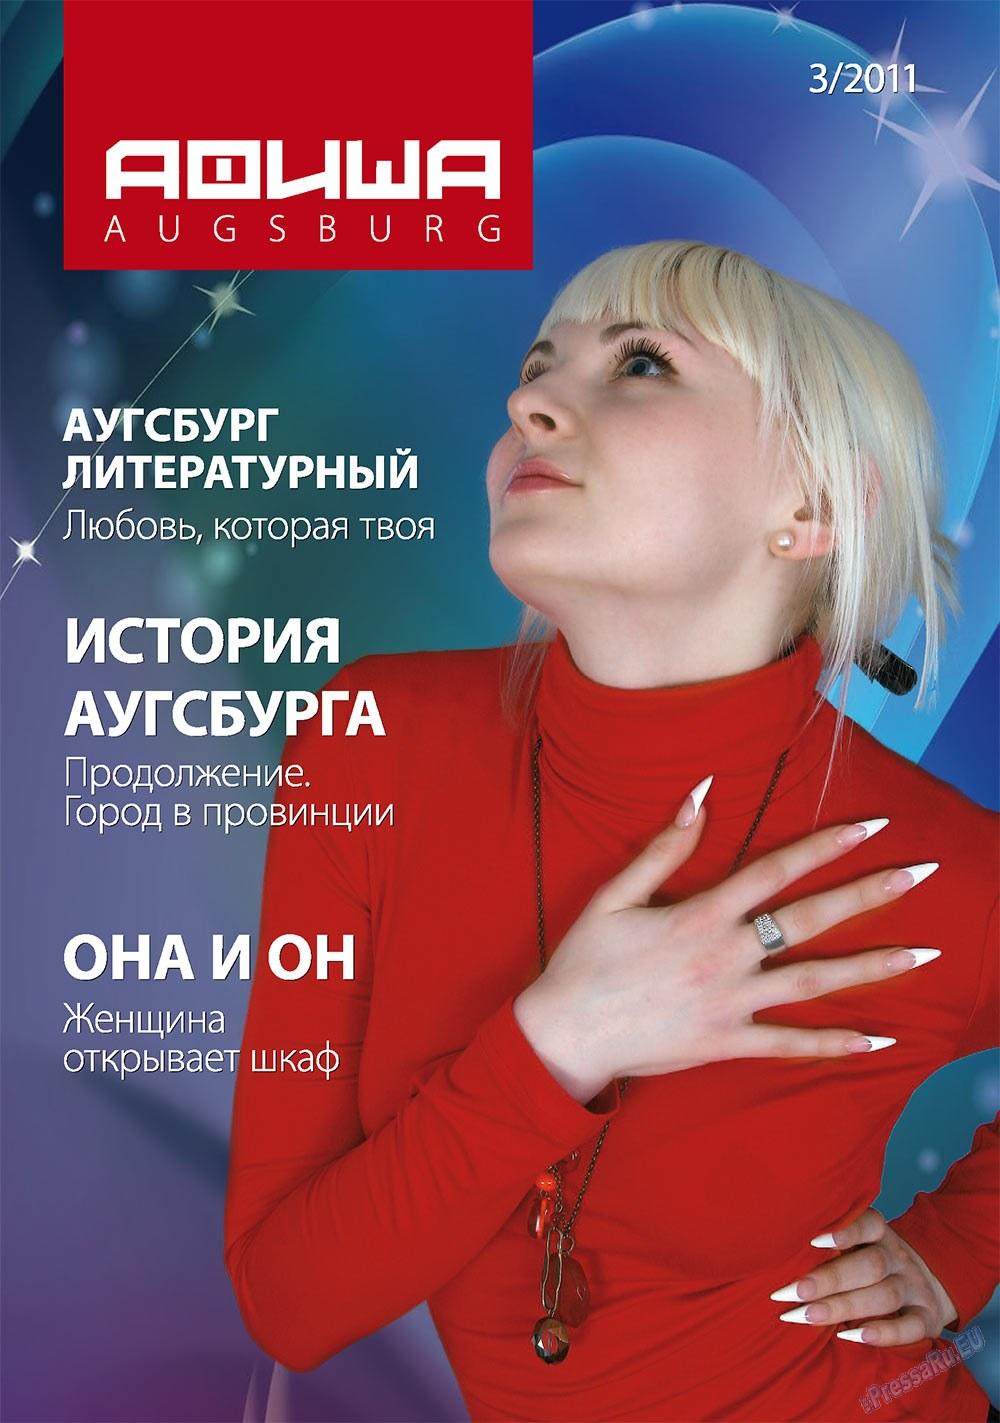 Афиша Augsburg (журнал). 2011 год, номер 3, стр. 1